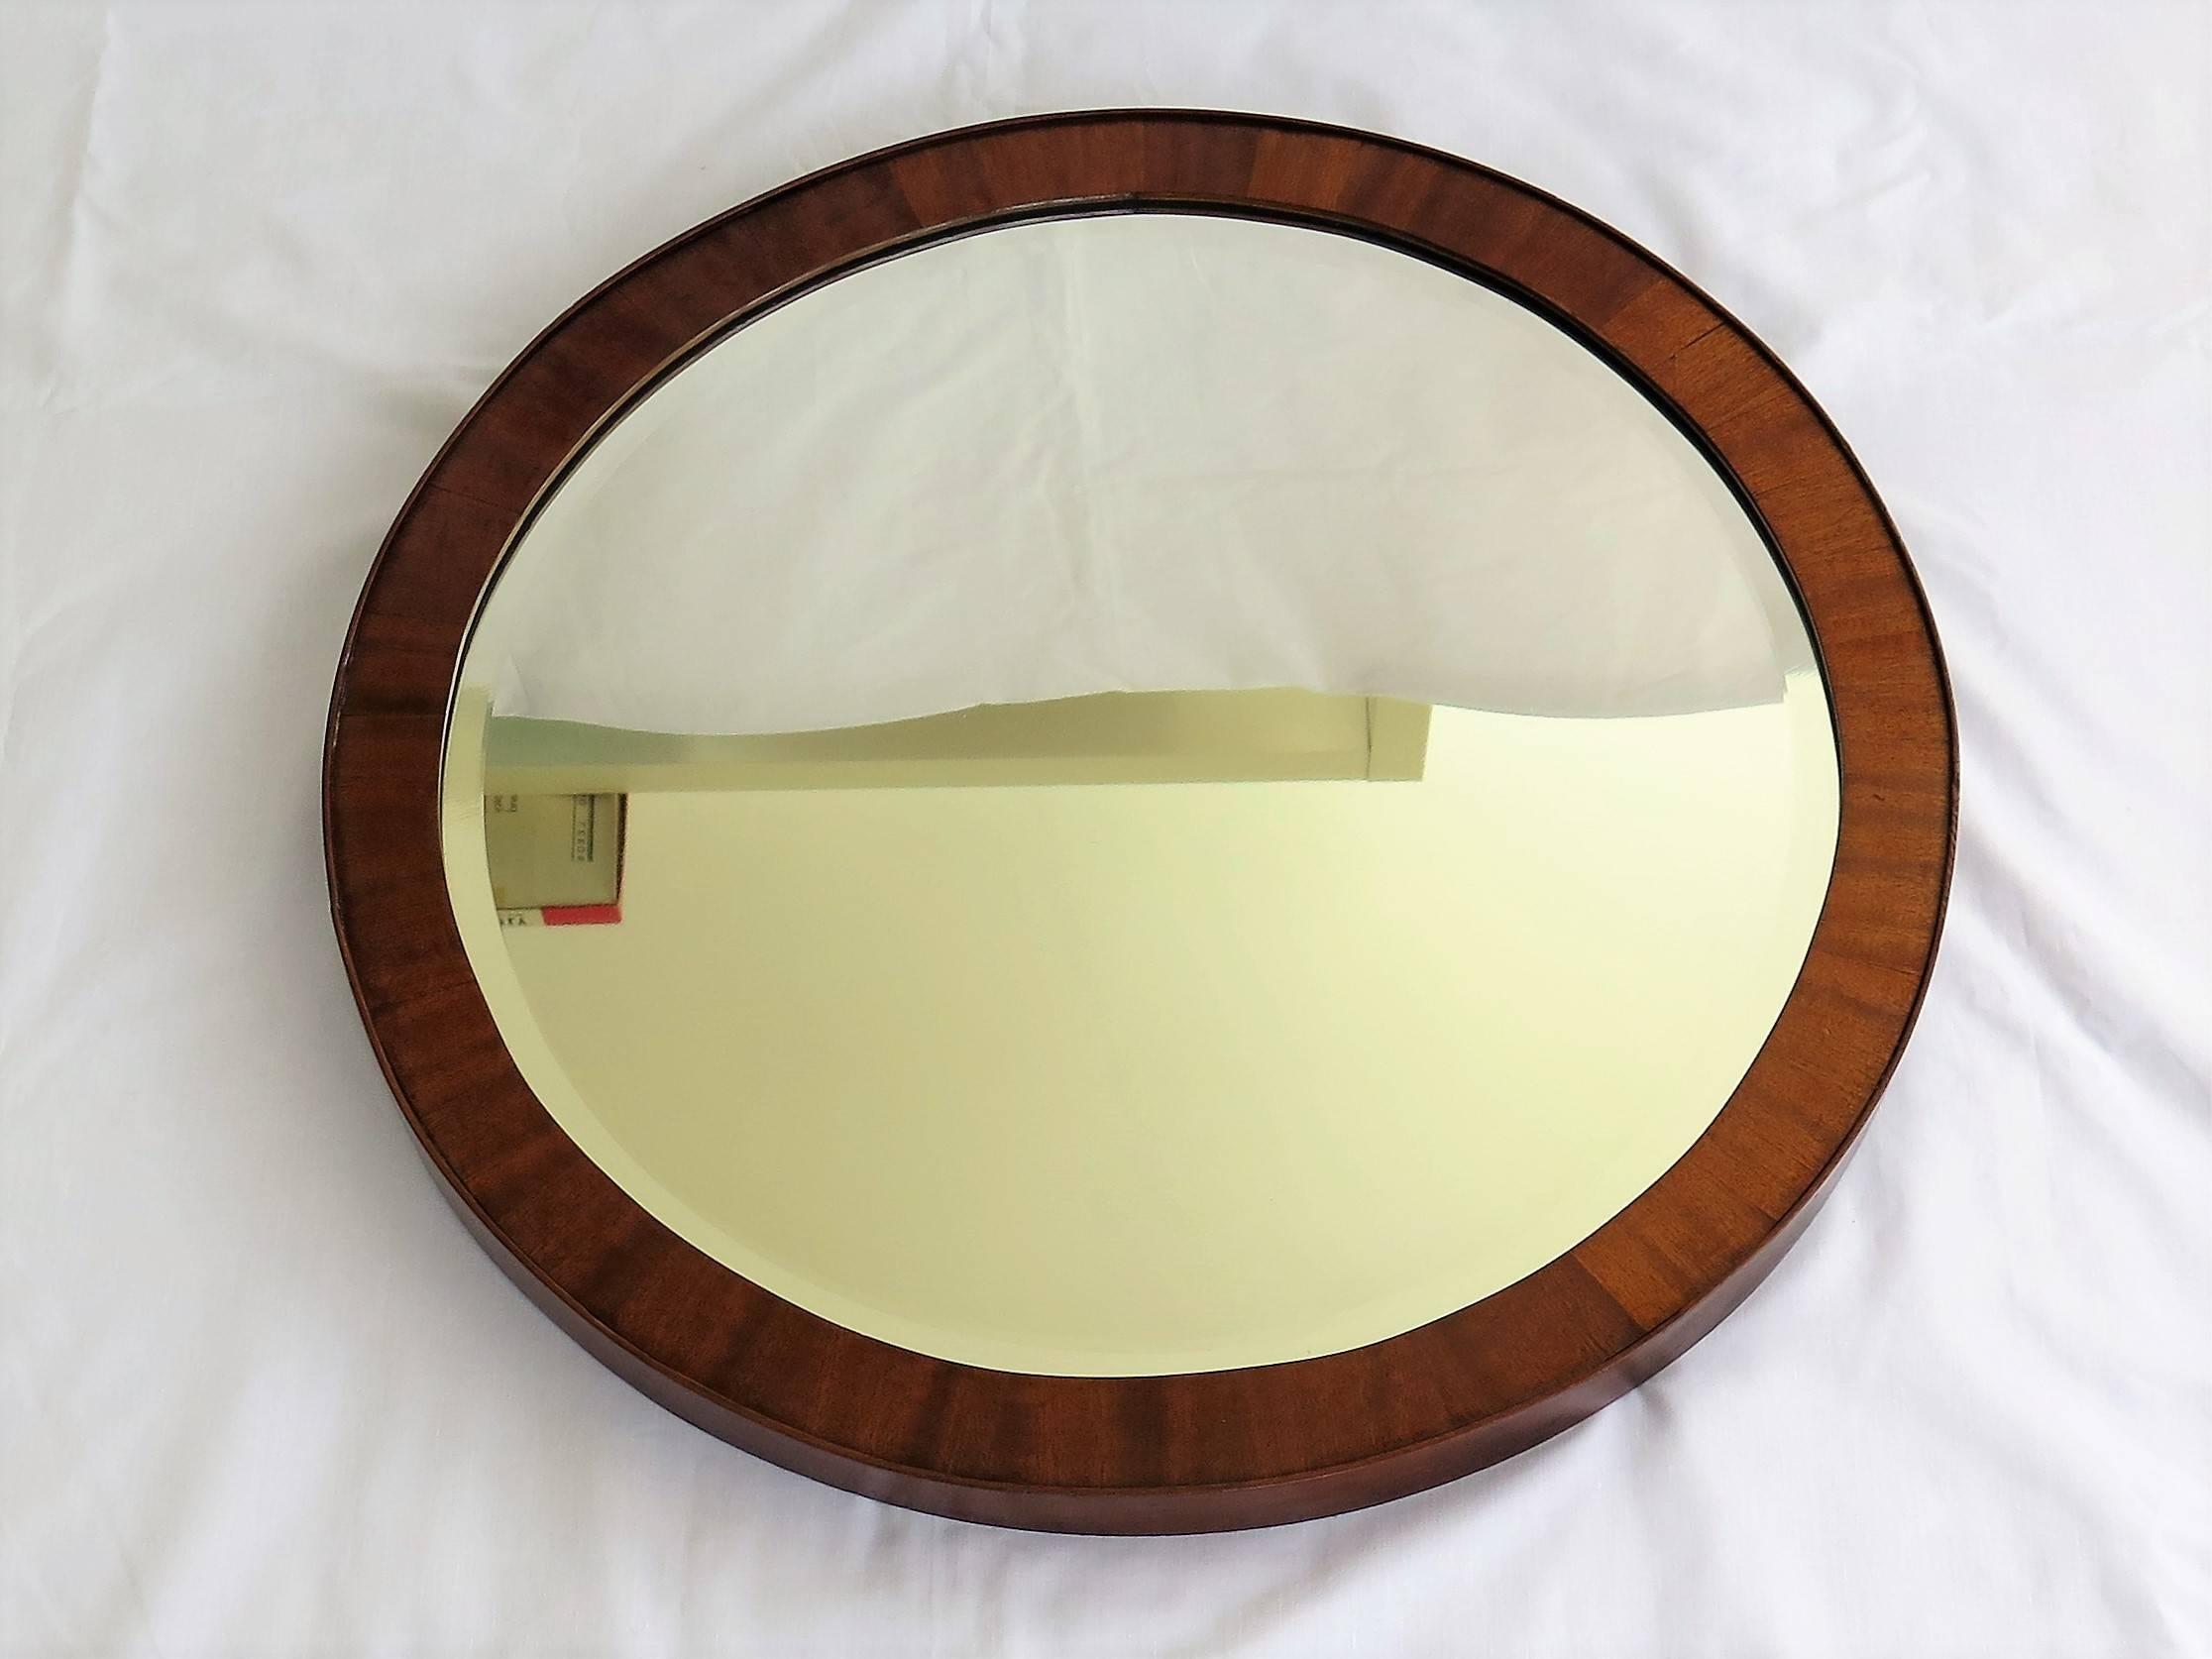 19th Century English Round Wall Mirror Cross Banded Mahogany Frame ...